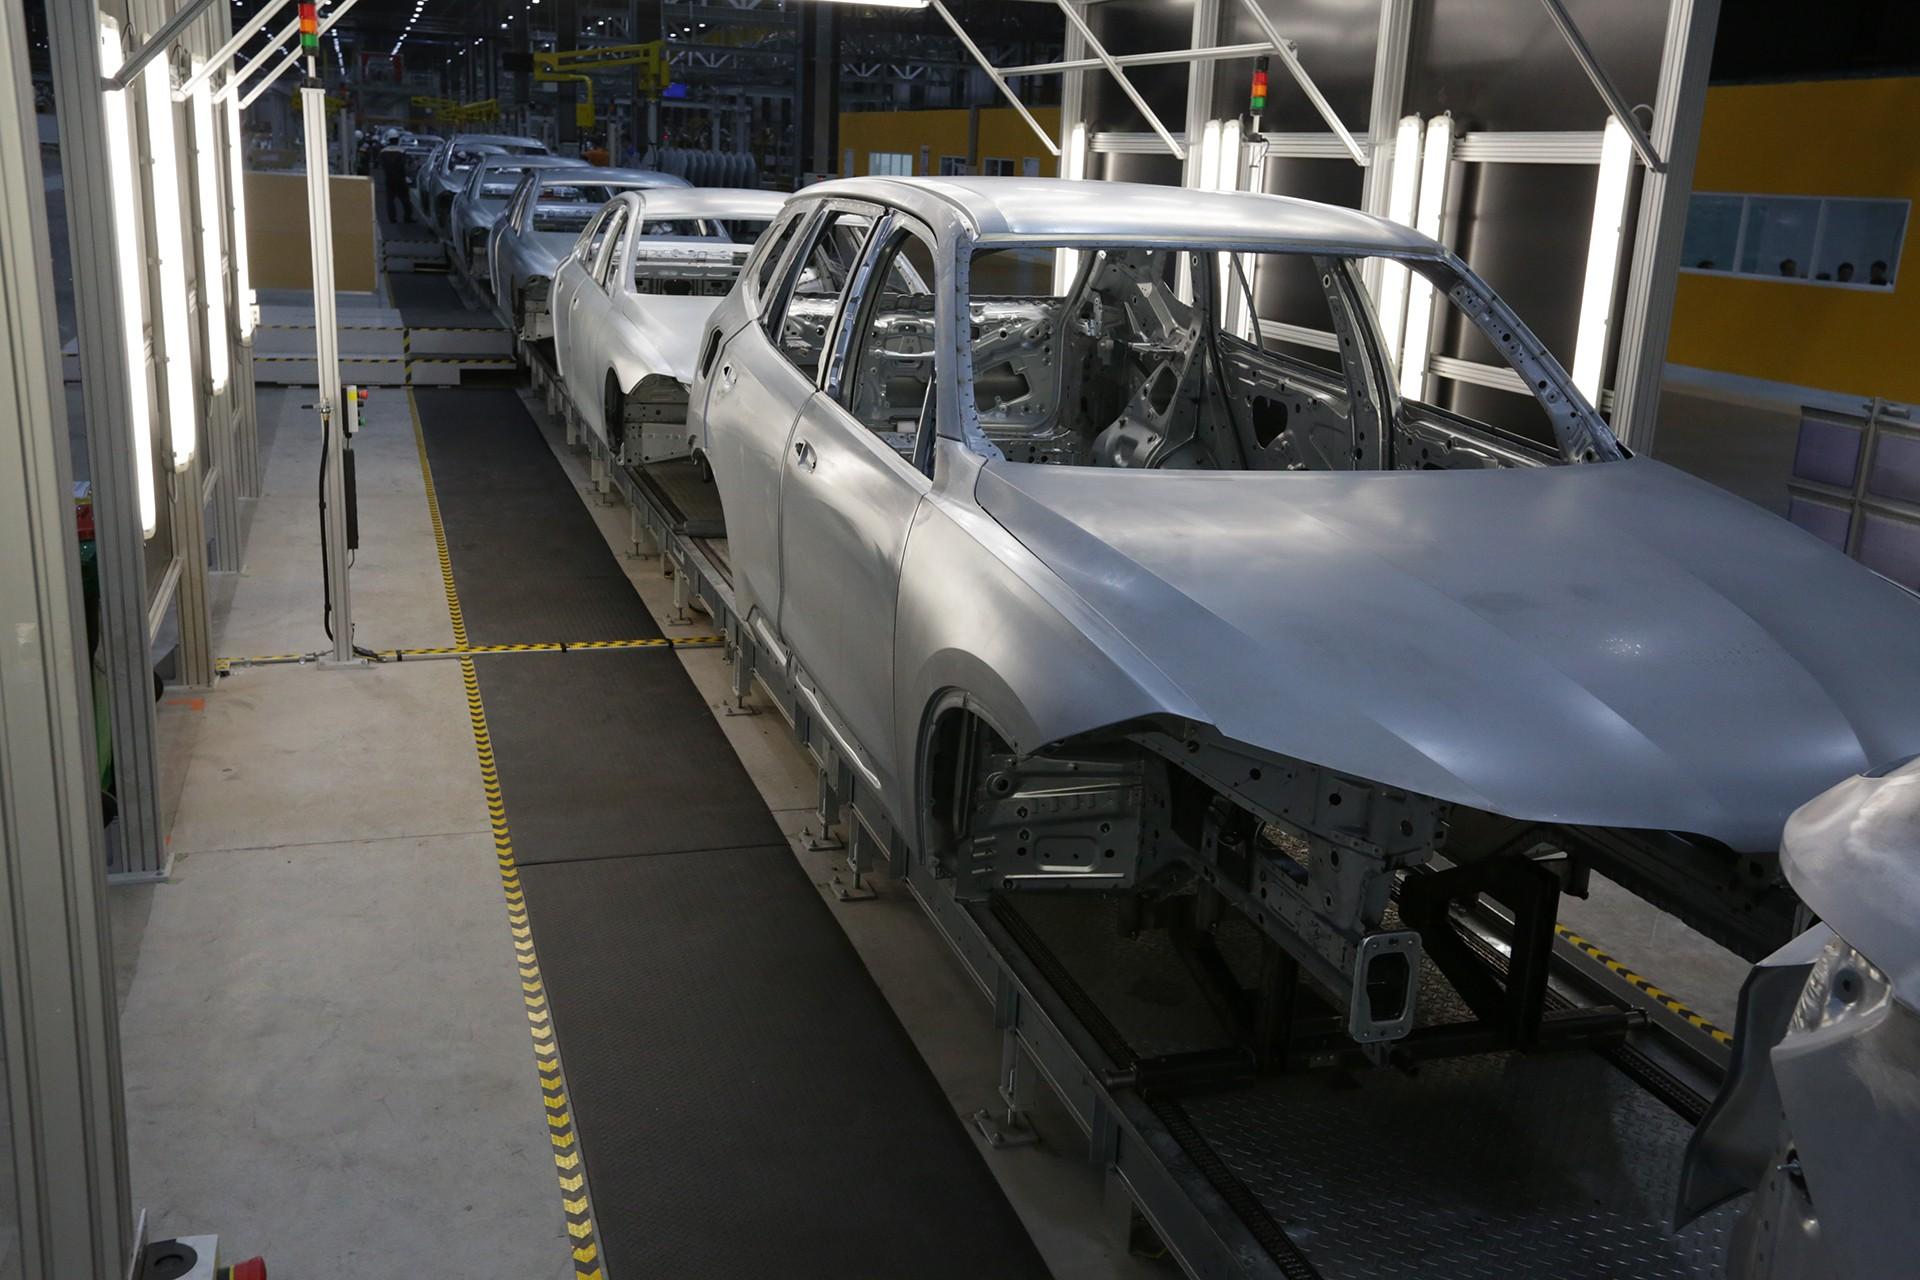 - bu8a7381 1557819702847709042832 - Hành trình thần tốc của VinFast: Ra mắt hàng loạt mẫu xe trong chưa đầy 2 năm, sắp chính thức khánh thành nhà máy sản xuất ô tô